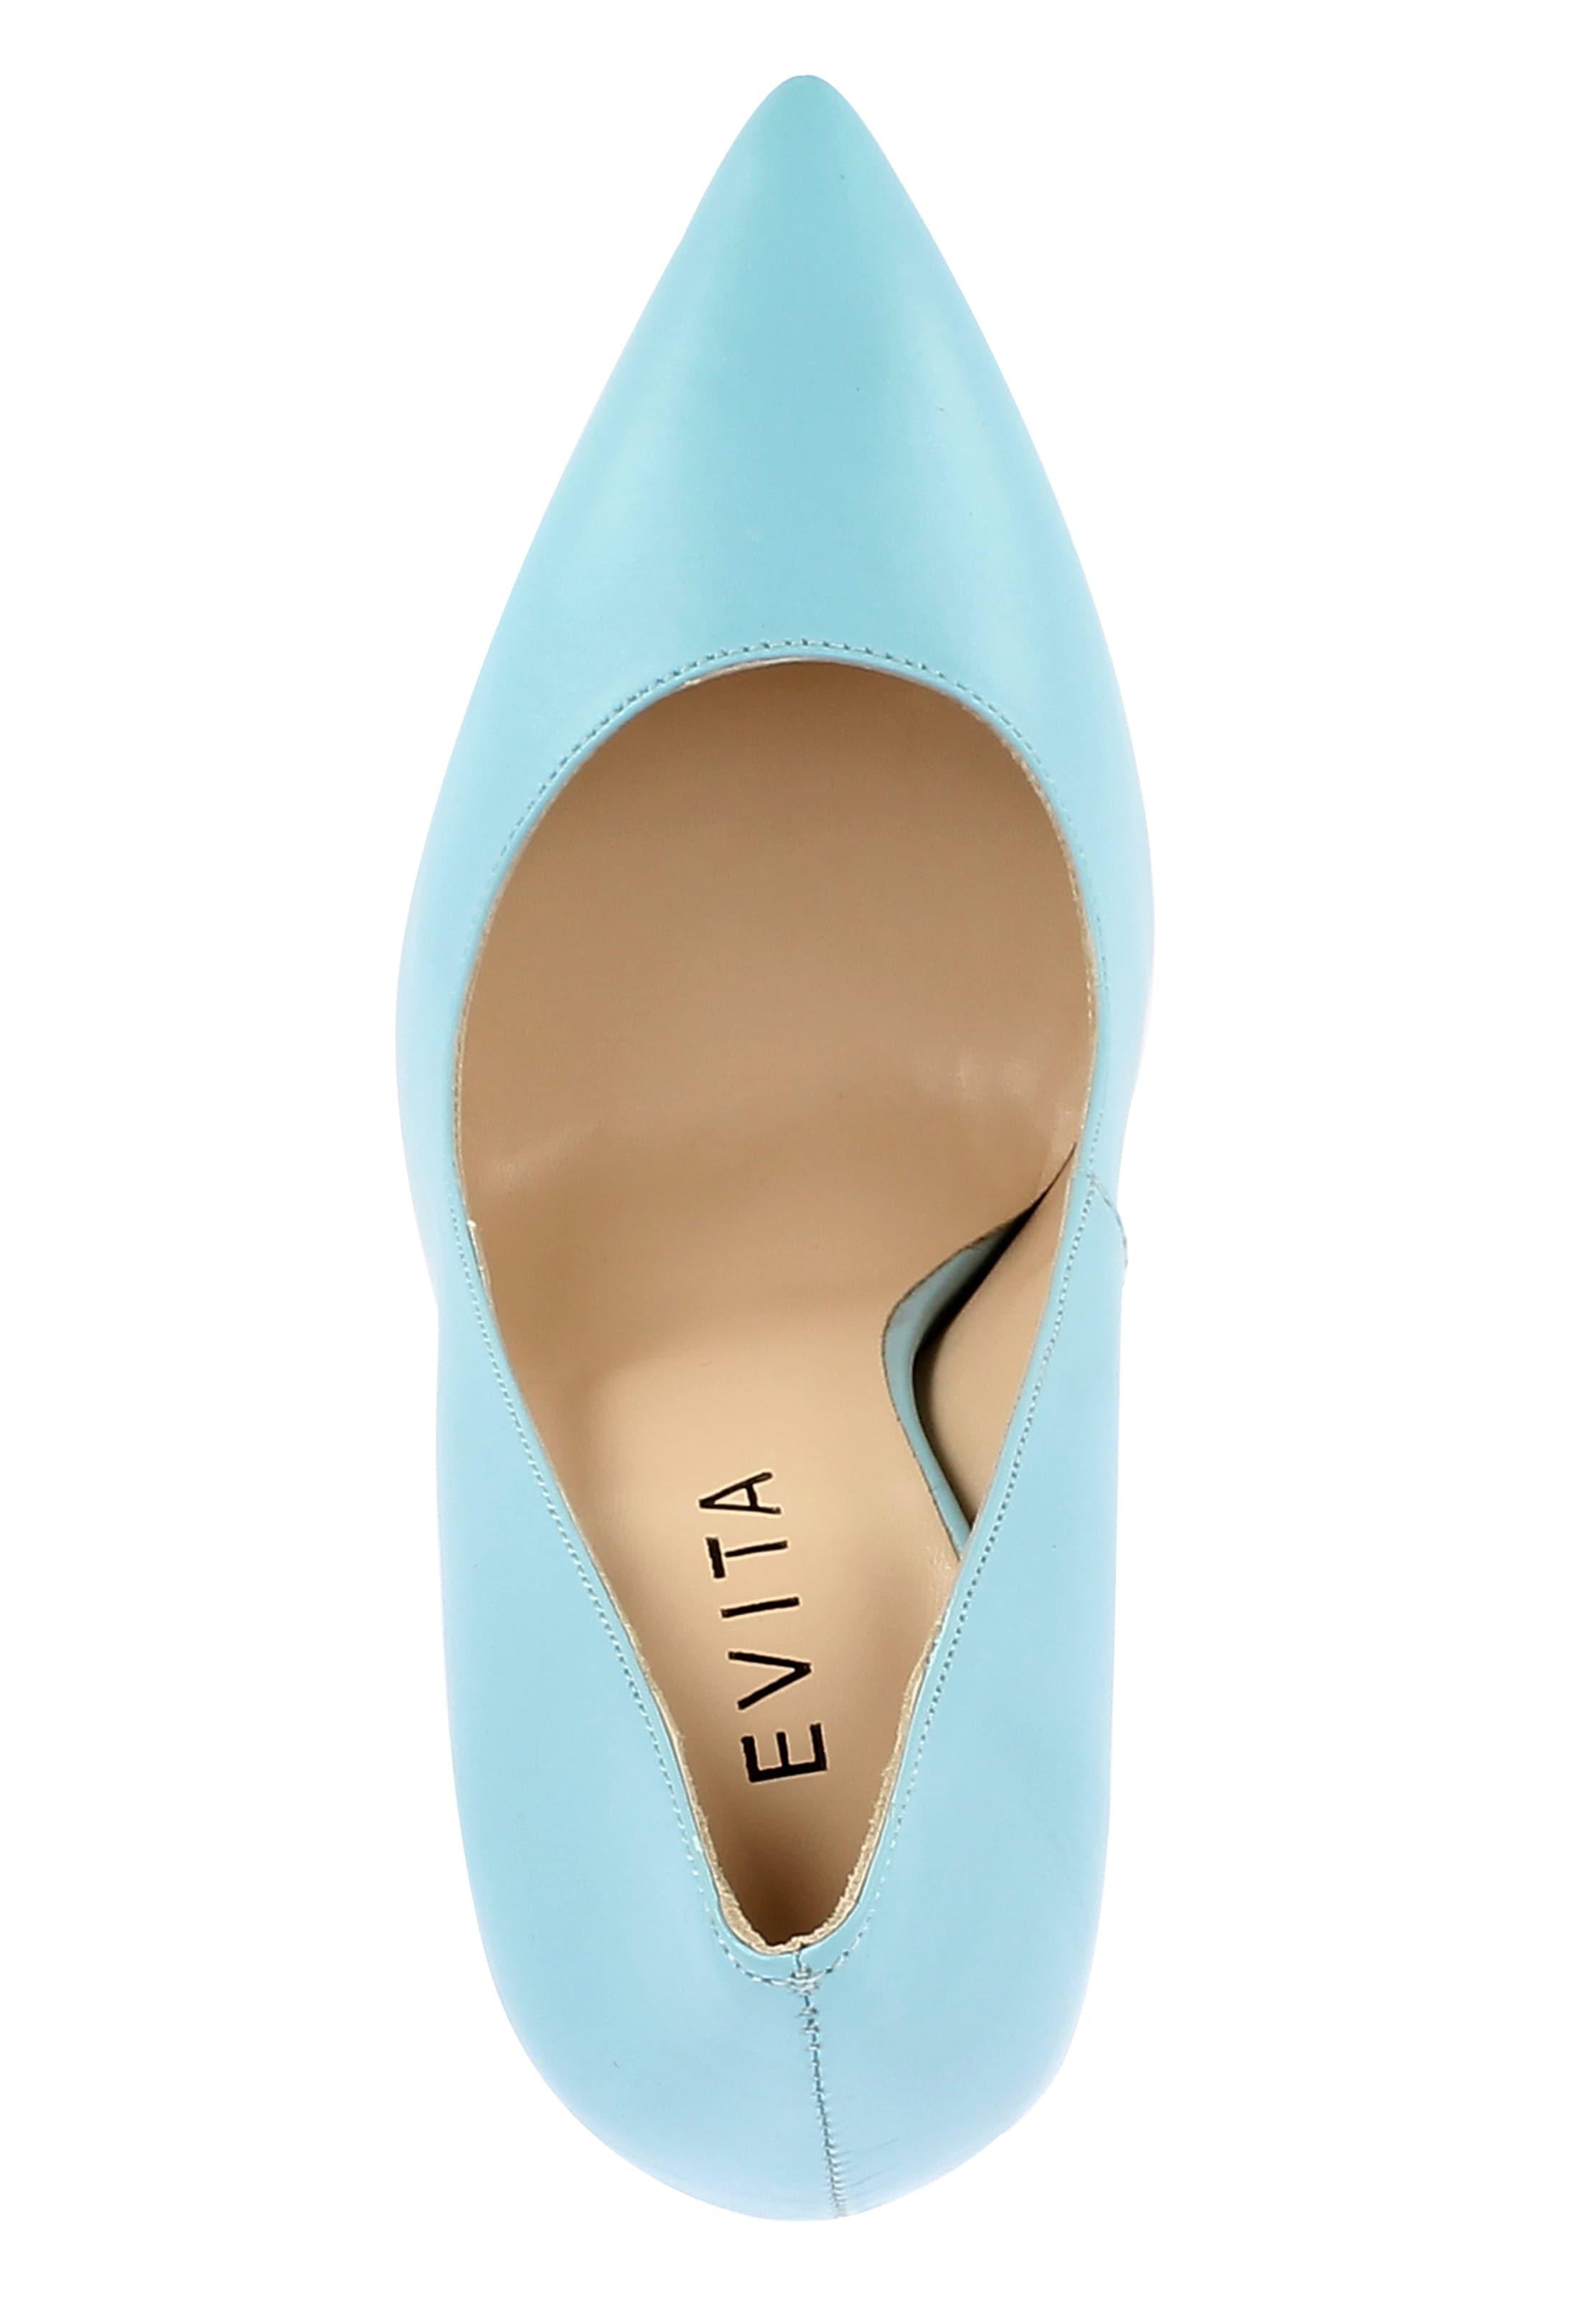 Evita In Hellblau Damen In Pumps Damen Hellblau Pumps Damen Evita In Pumps Evita wkX8OPn0